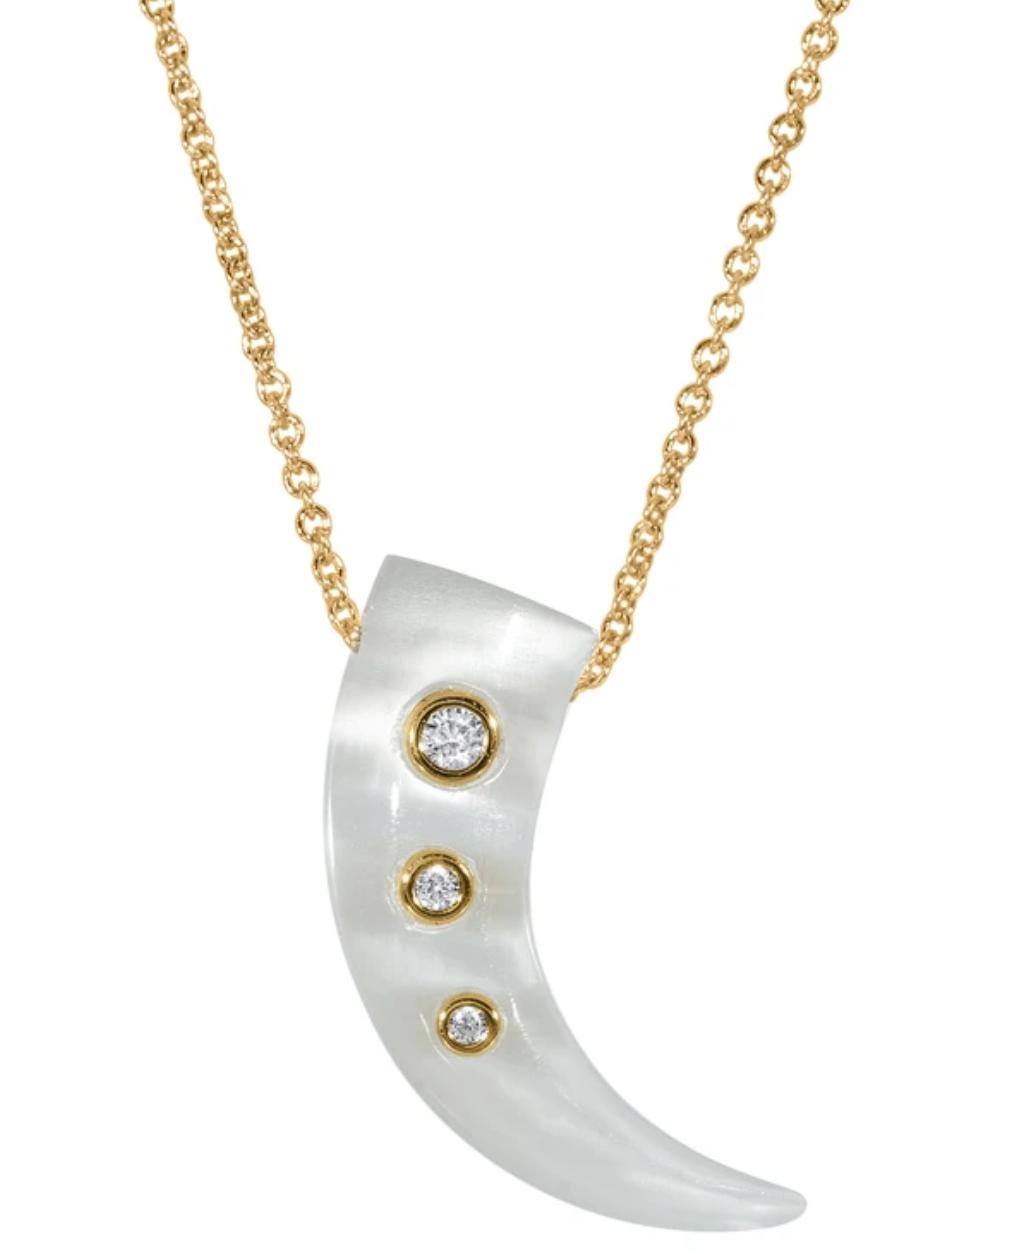 Gold Talon Pendant